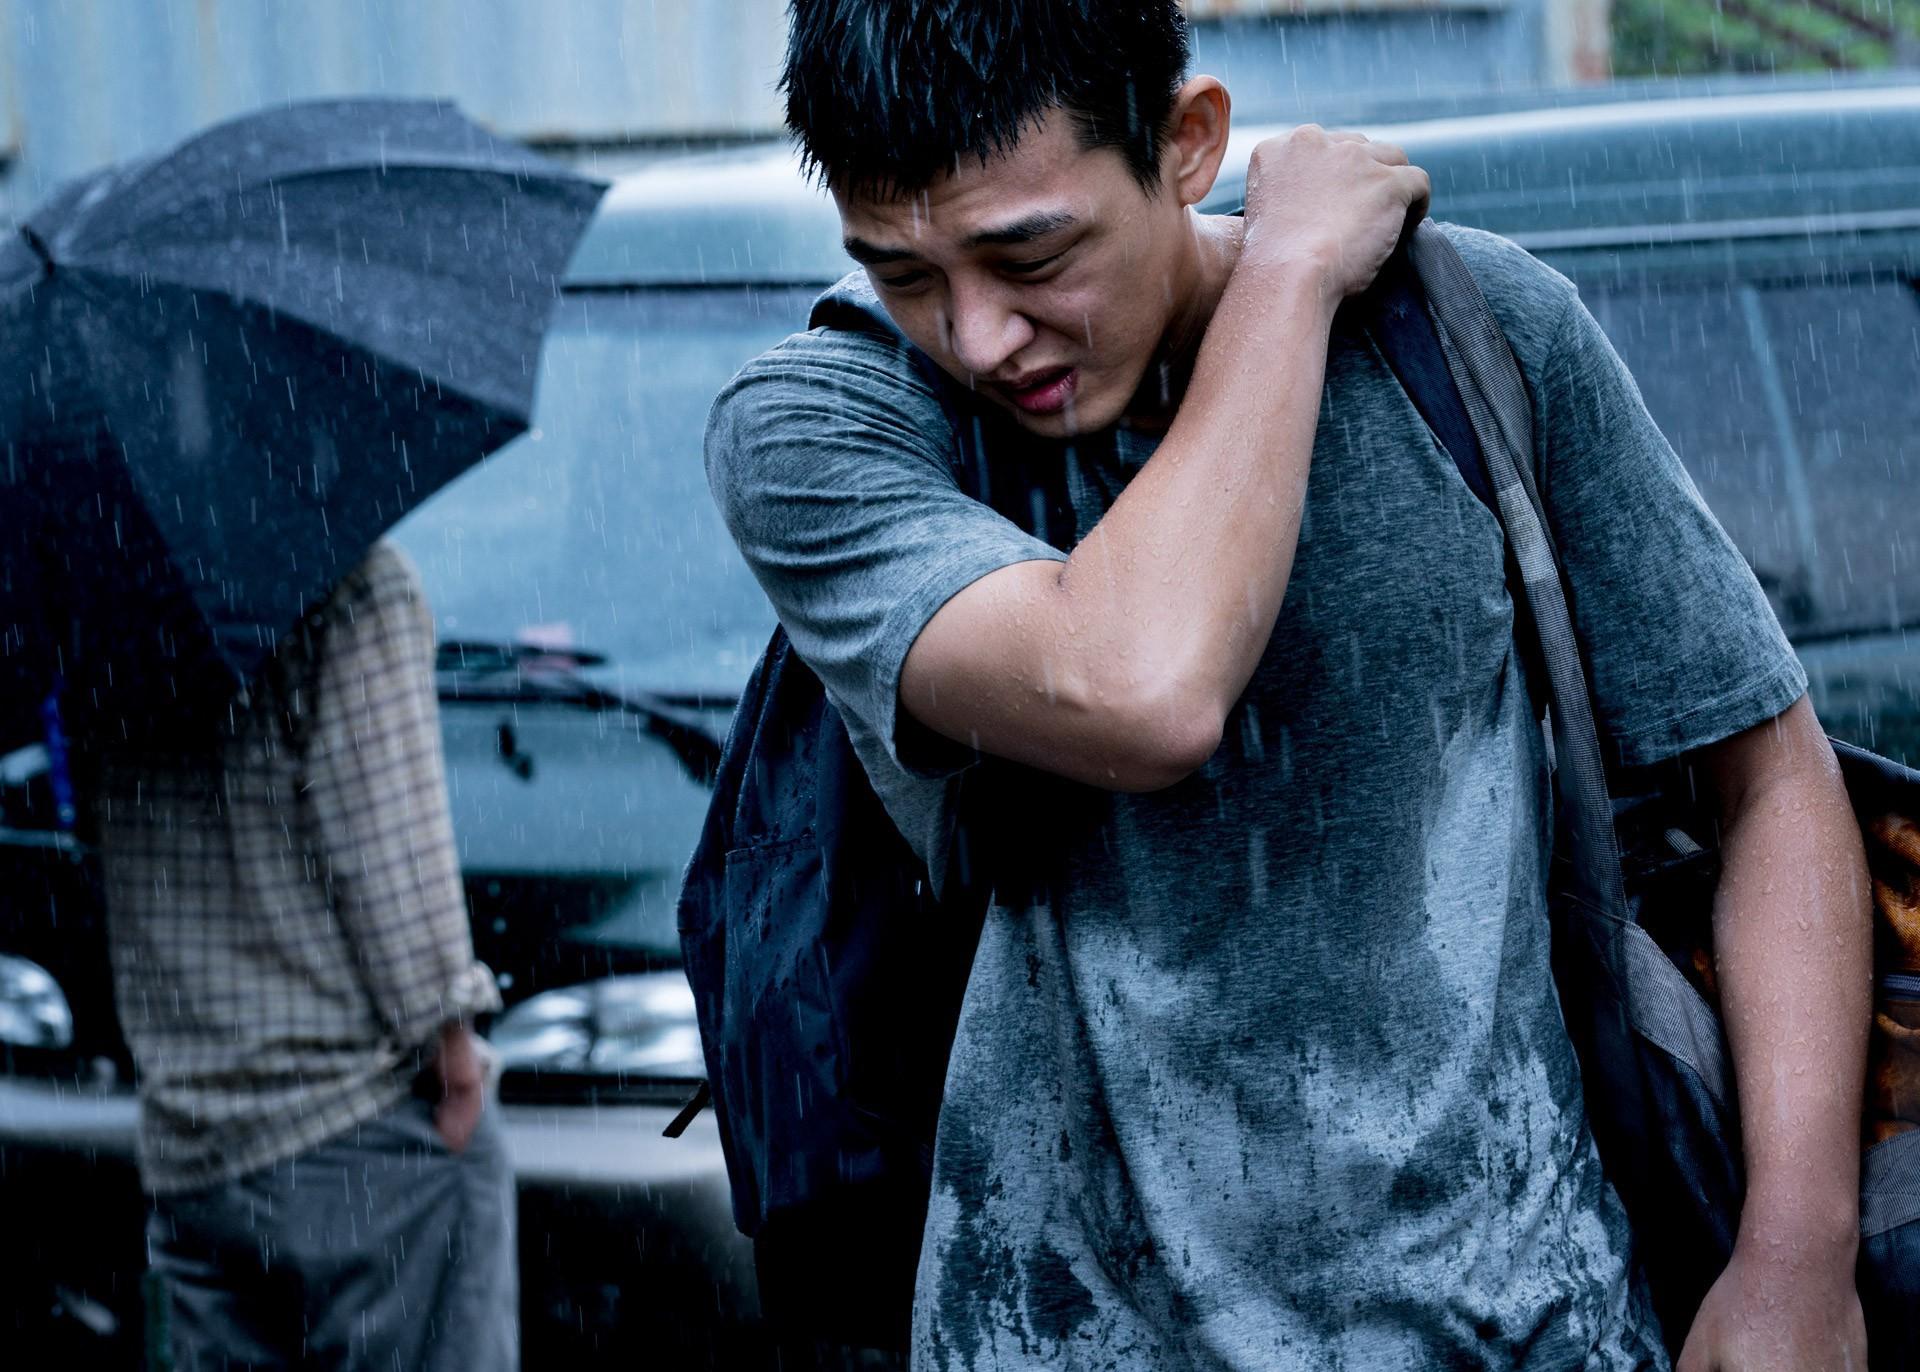 Điện ảnh Hàn đối mặt một trong những khủng hoảng tồi tệ nhất kể từ thập niên 90 - Ảnh 4.